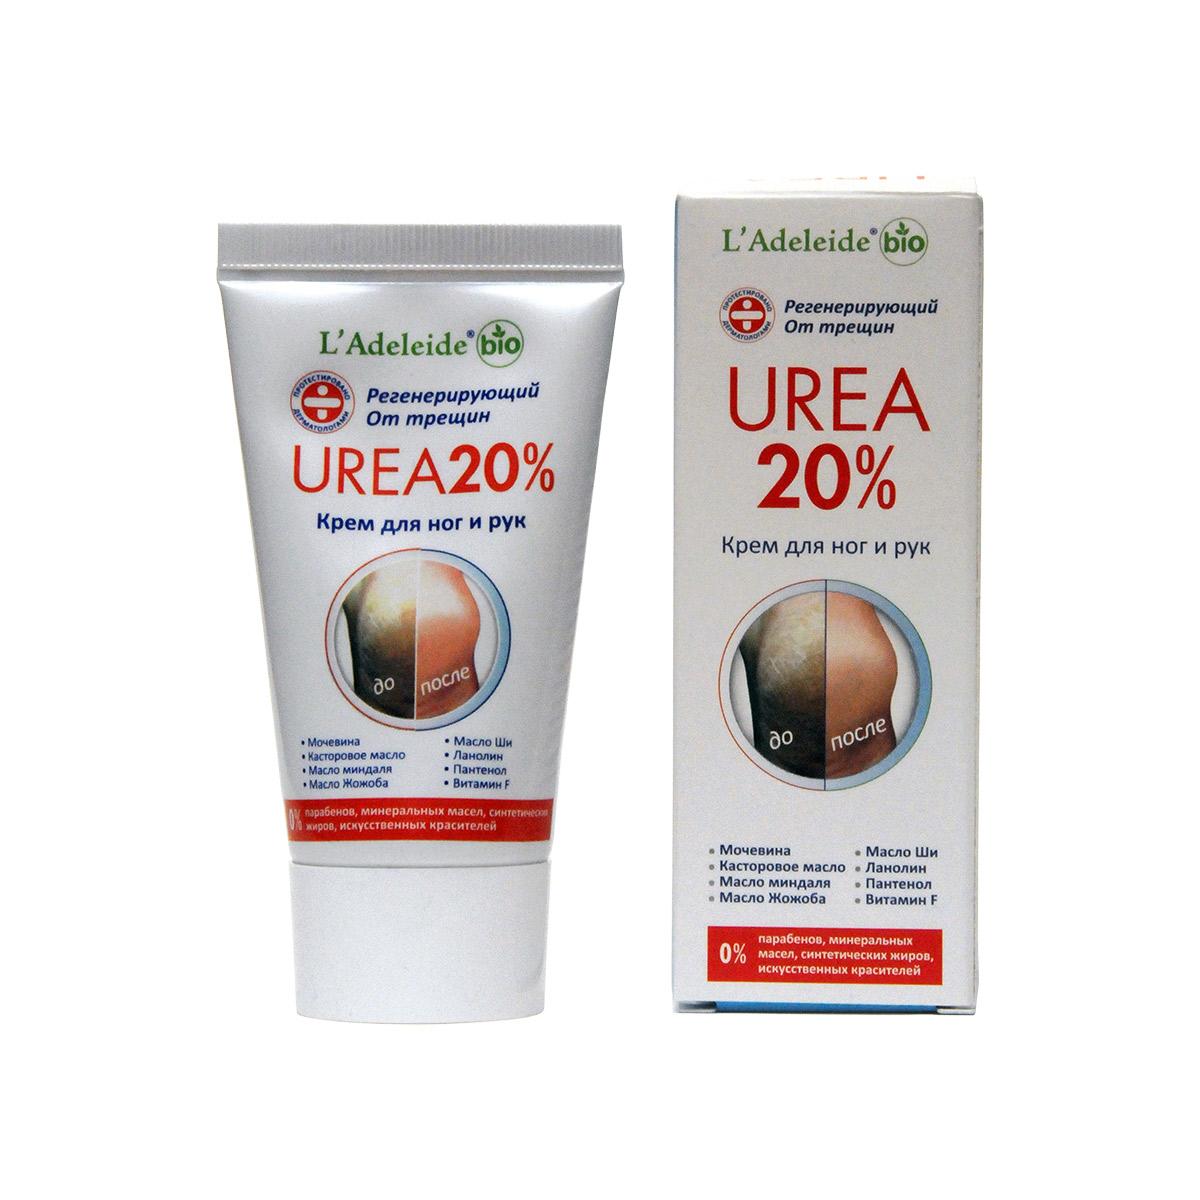 LAdeleide Косметический крем для ног и рук UREA 20%, 50 млКС-325Косметический крем для ног и рук UREA 20 % оказывает регенерирующее действие, помогает избавиться от мозолей и от трещин. Инновационная формула содержит мочевину в высокой концентрации (20%), обладающую выраженным кератолитическим действием. Крем с мочевиной обеспечивает ощутимый размягчающий и увлажняющий эффект сразу после первого применения: мгновенно восполняет недостаток влаги, огрубевшая кожа смягчается. При регулярном использовании предупреждает шелушение, снимает симптомы раздражения, предотвращает образование избыточного ороговения, а также защищает кожу от образования трещин и мозолей. Подходит для сухих участков тела: ступни, ладони, локти, колени, которым обычного увлажнения не хватает. Может использоваться в средствах для ухода за ногтями, эффективно смягчает кутикулу. • восстанавливает структуру кожных покровов;• удаляет омертвевшие клетки;• увлажняет;• повышает упругость и эластичность кожи.UREA (Мочевина) – это натуральный увлажняющий компонент, прекрасный проводник биологически-активных веществ. Если коже не хватает собственной мочевины, она становится сухой, особенно в области ступней, кожа трескается, шелушится, появляются натоптыши и мозоли, возможно развитие глубоких трещин, которые в свою очередь инфицируются, что особенно недопустимо у лиц, страдающих сахарным диабетом (т. н. синдром диабетической стопы).